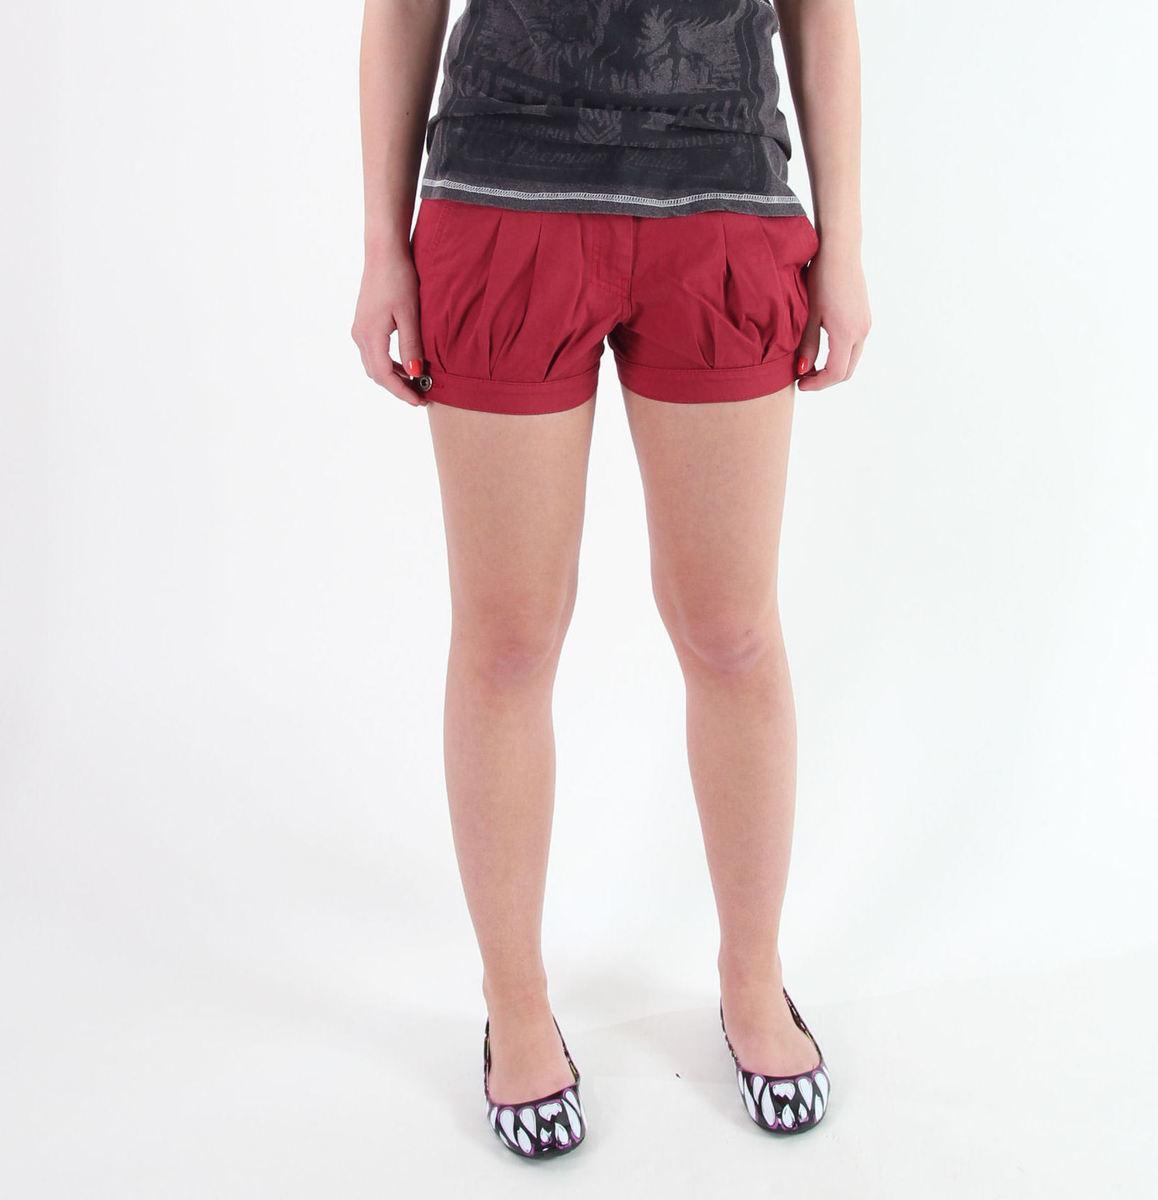 kraťasy dámské (šortky) FUNSTORM - Gela Mini - 24 Red